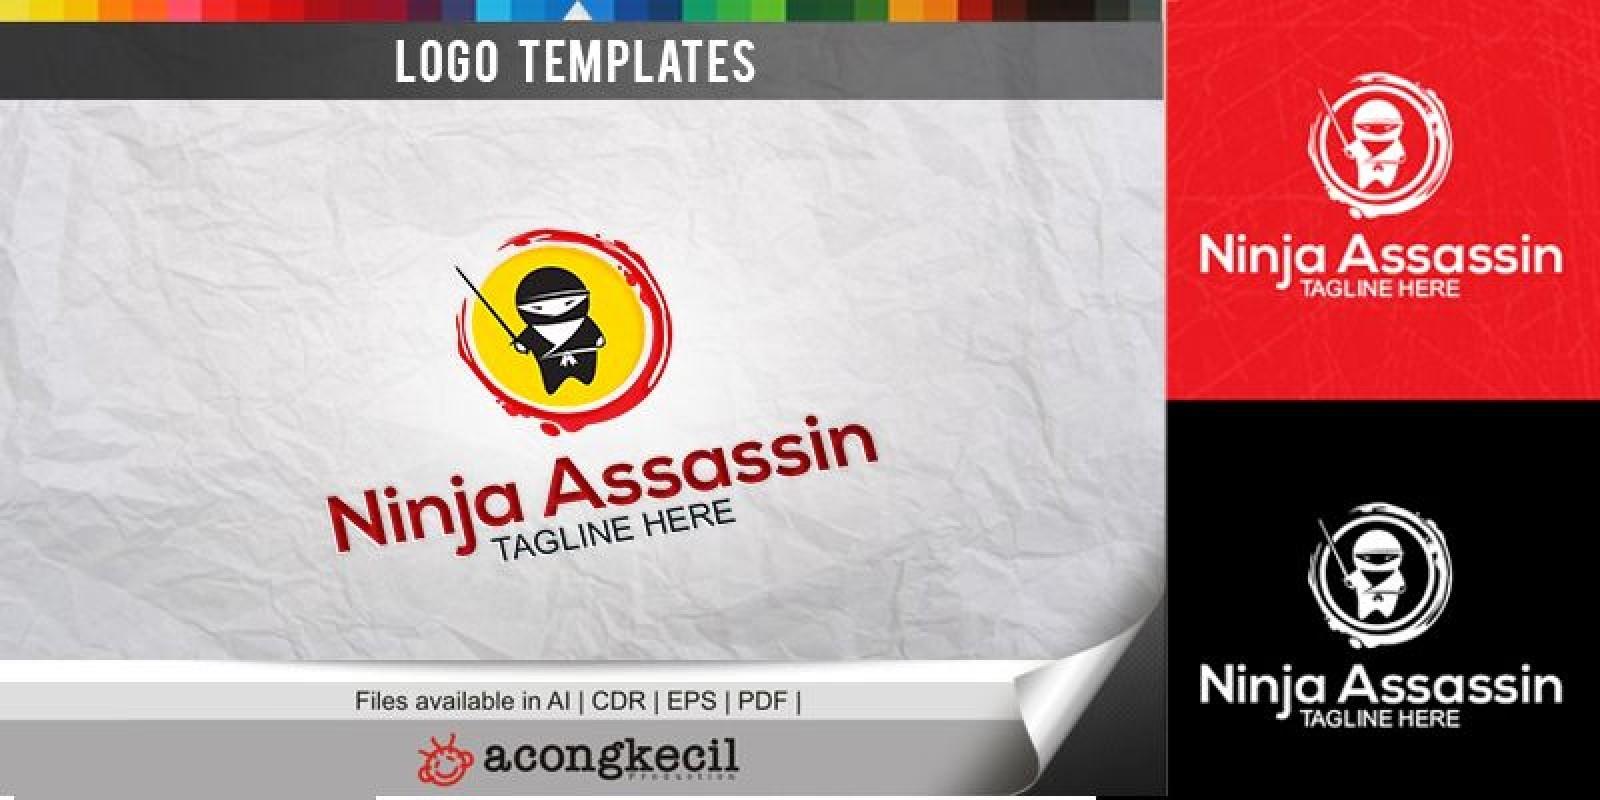 Ninja Assassin - Logo Template